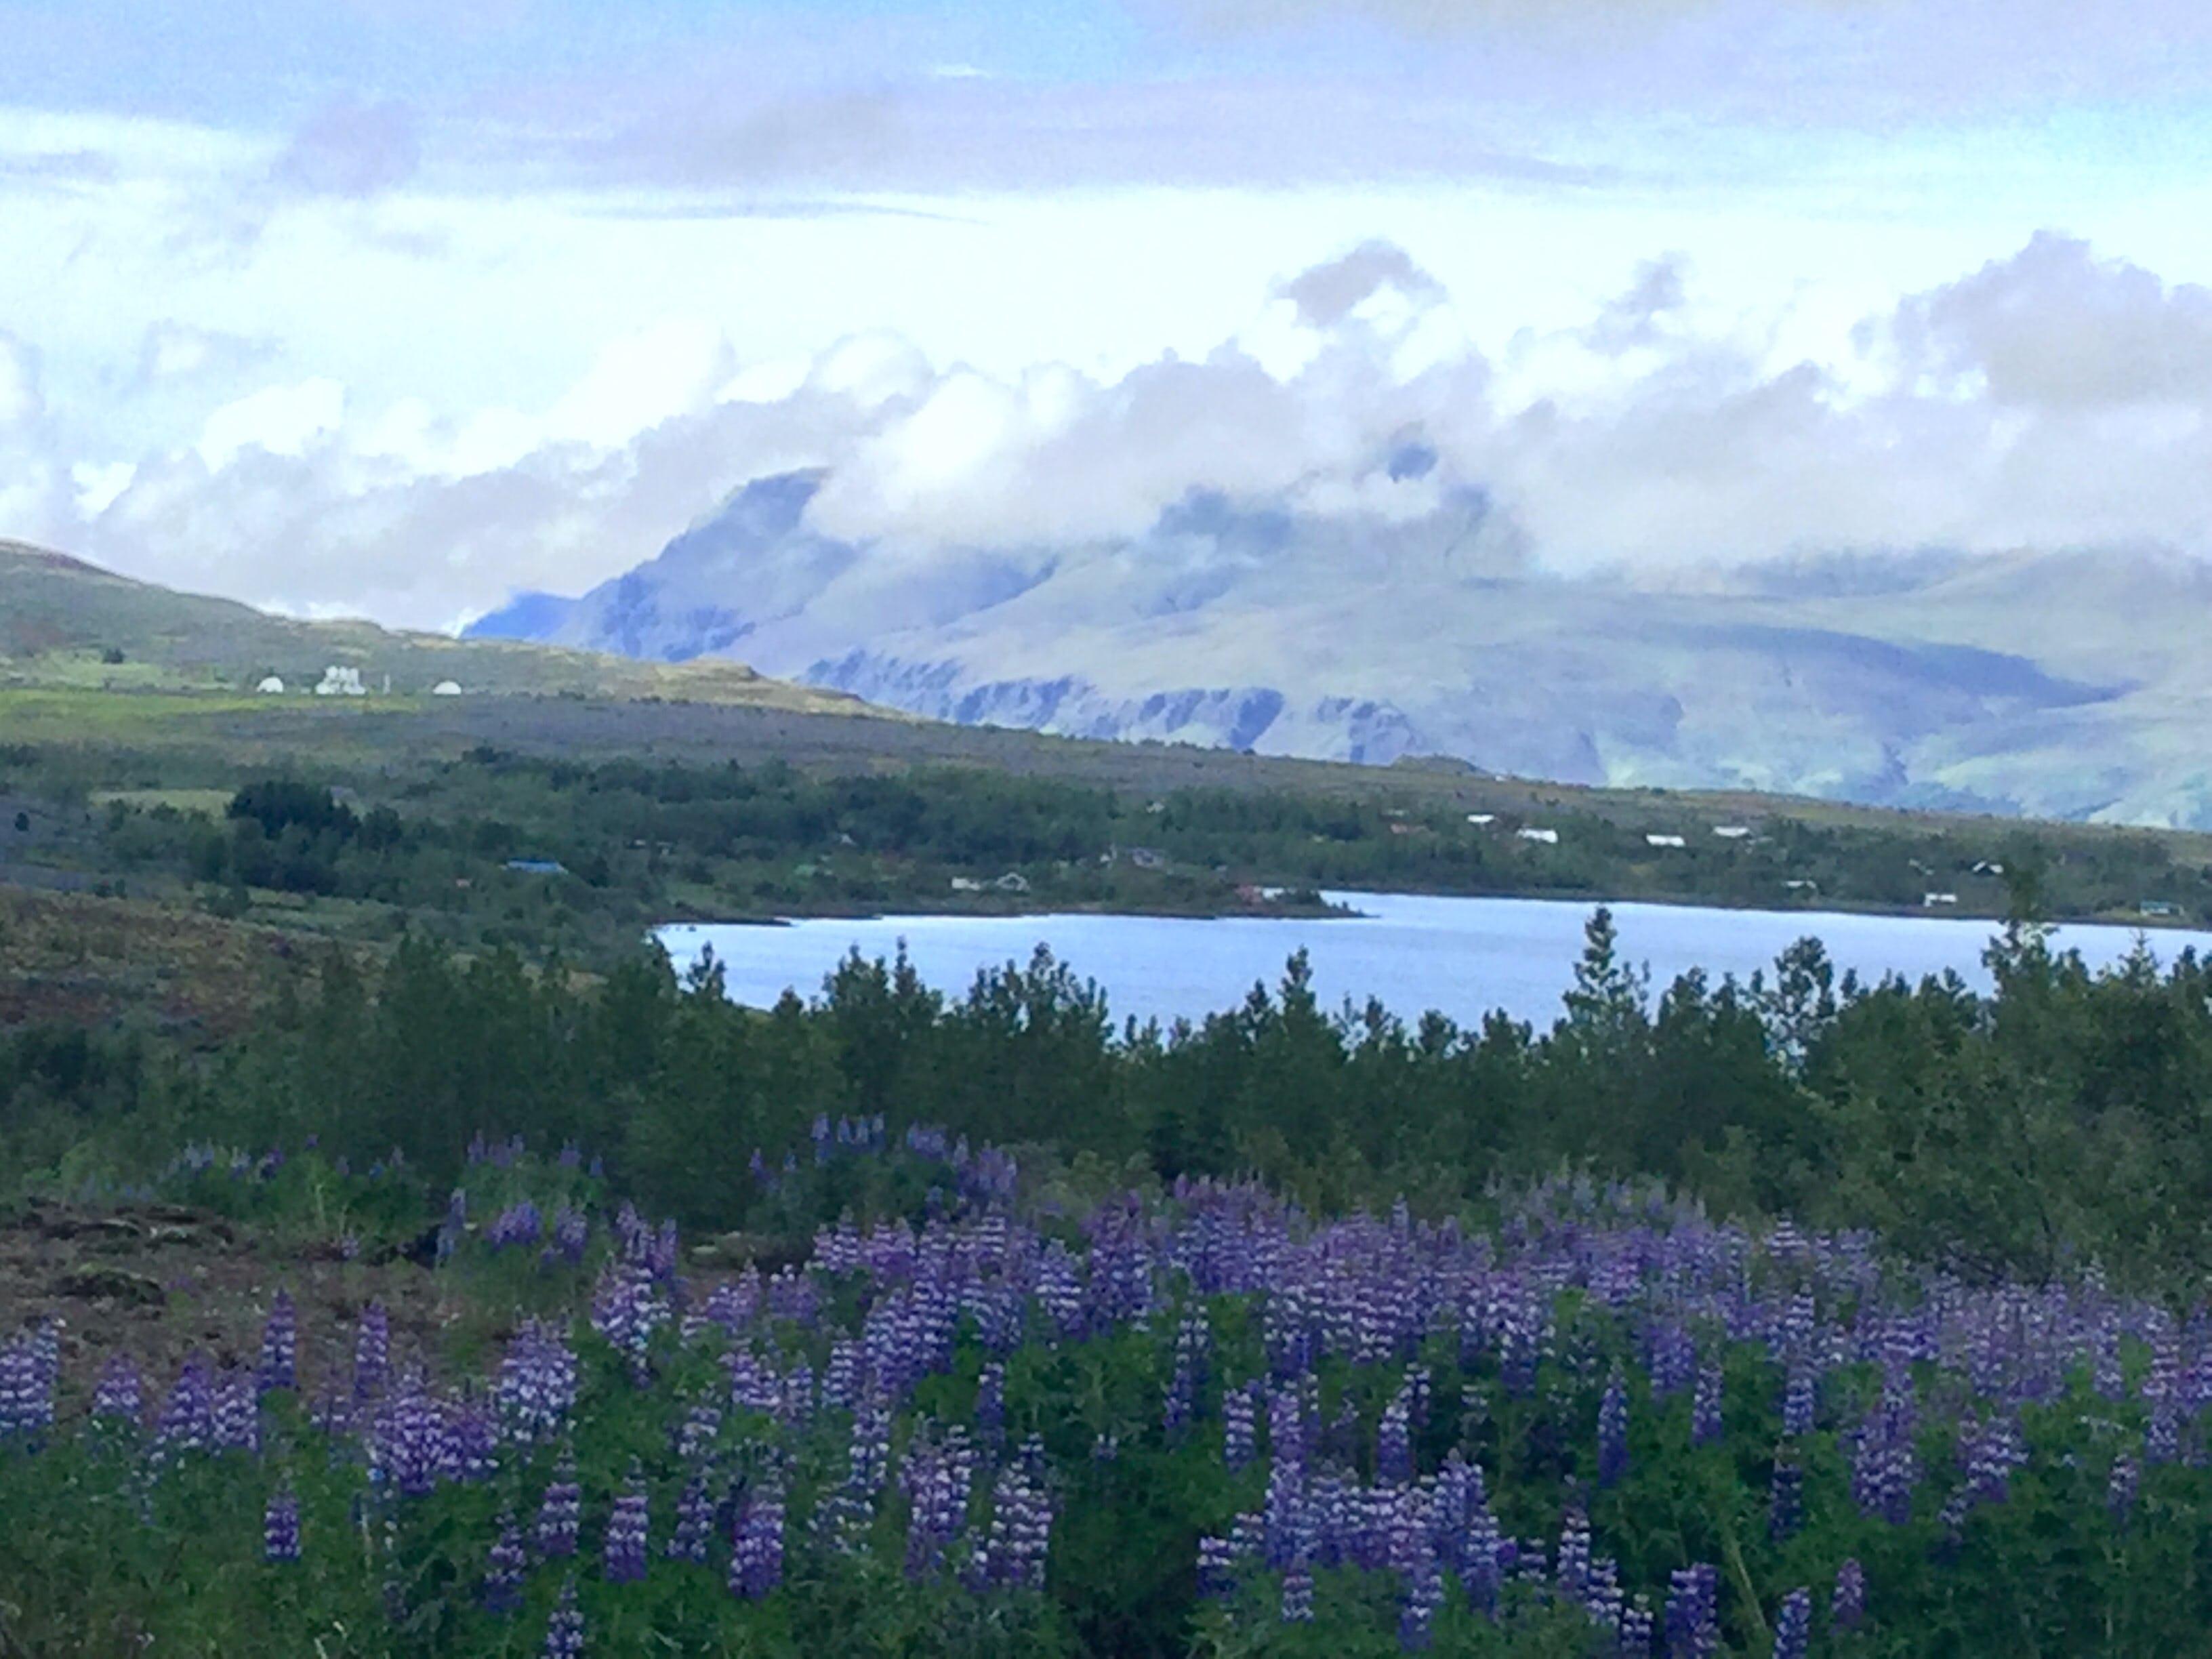 A lake just outside of Reykjavík city.